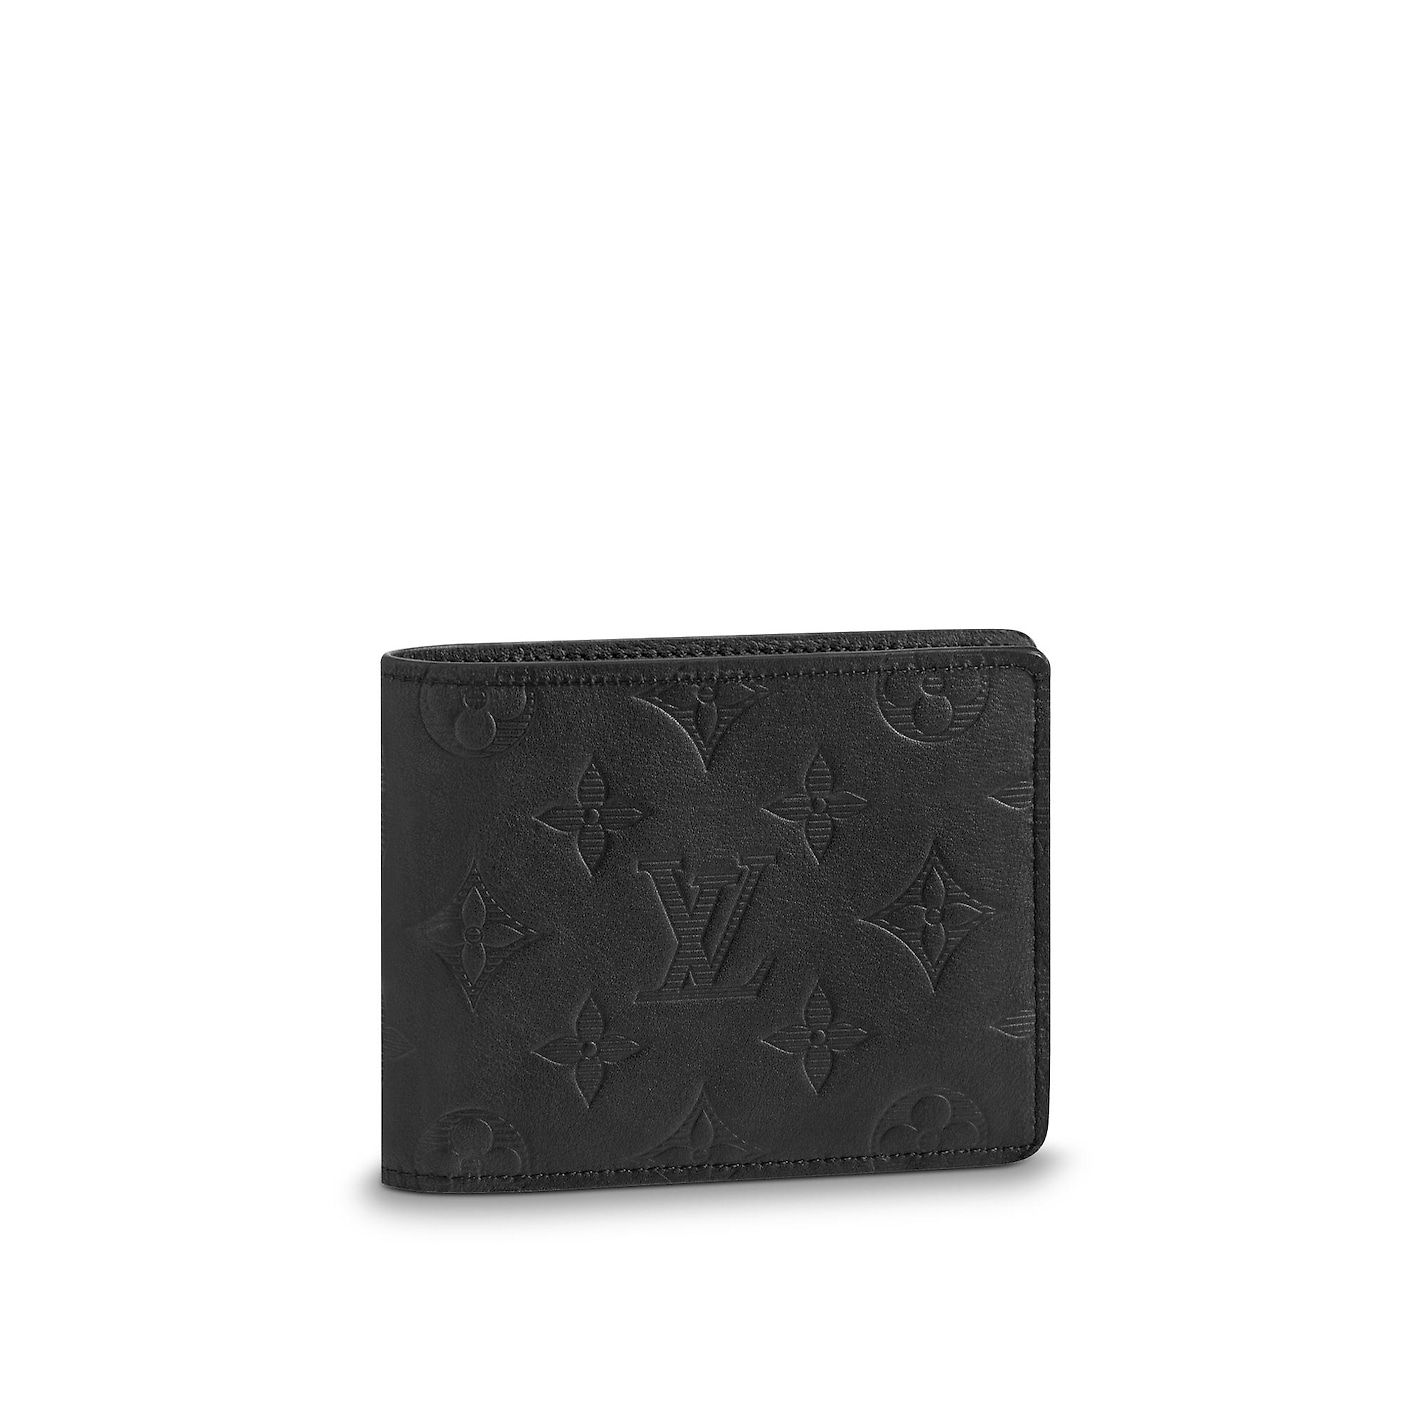 Multiple Wallet Wallet Louis Vuitton Pre Owned Louis Vuitton